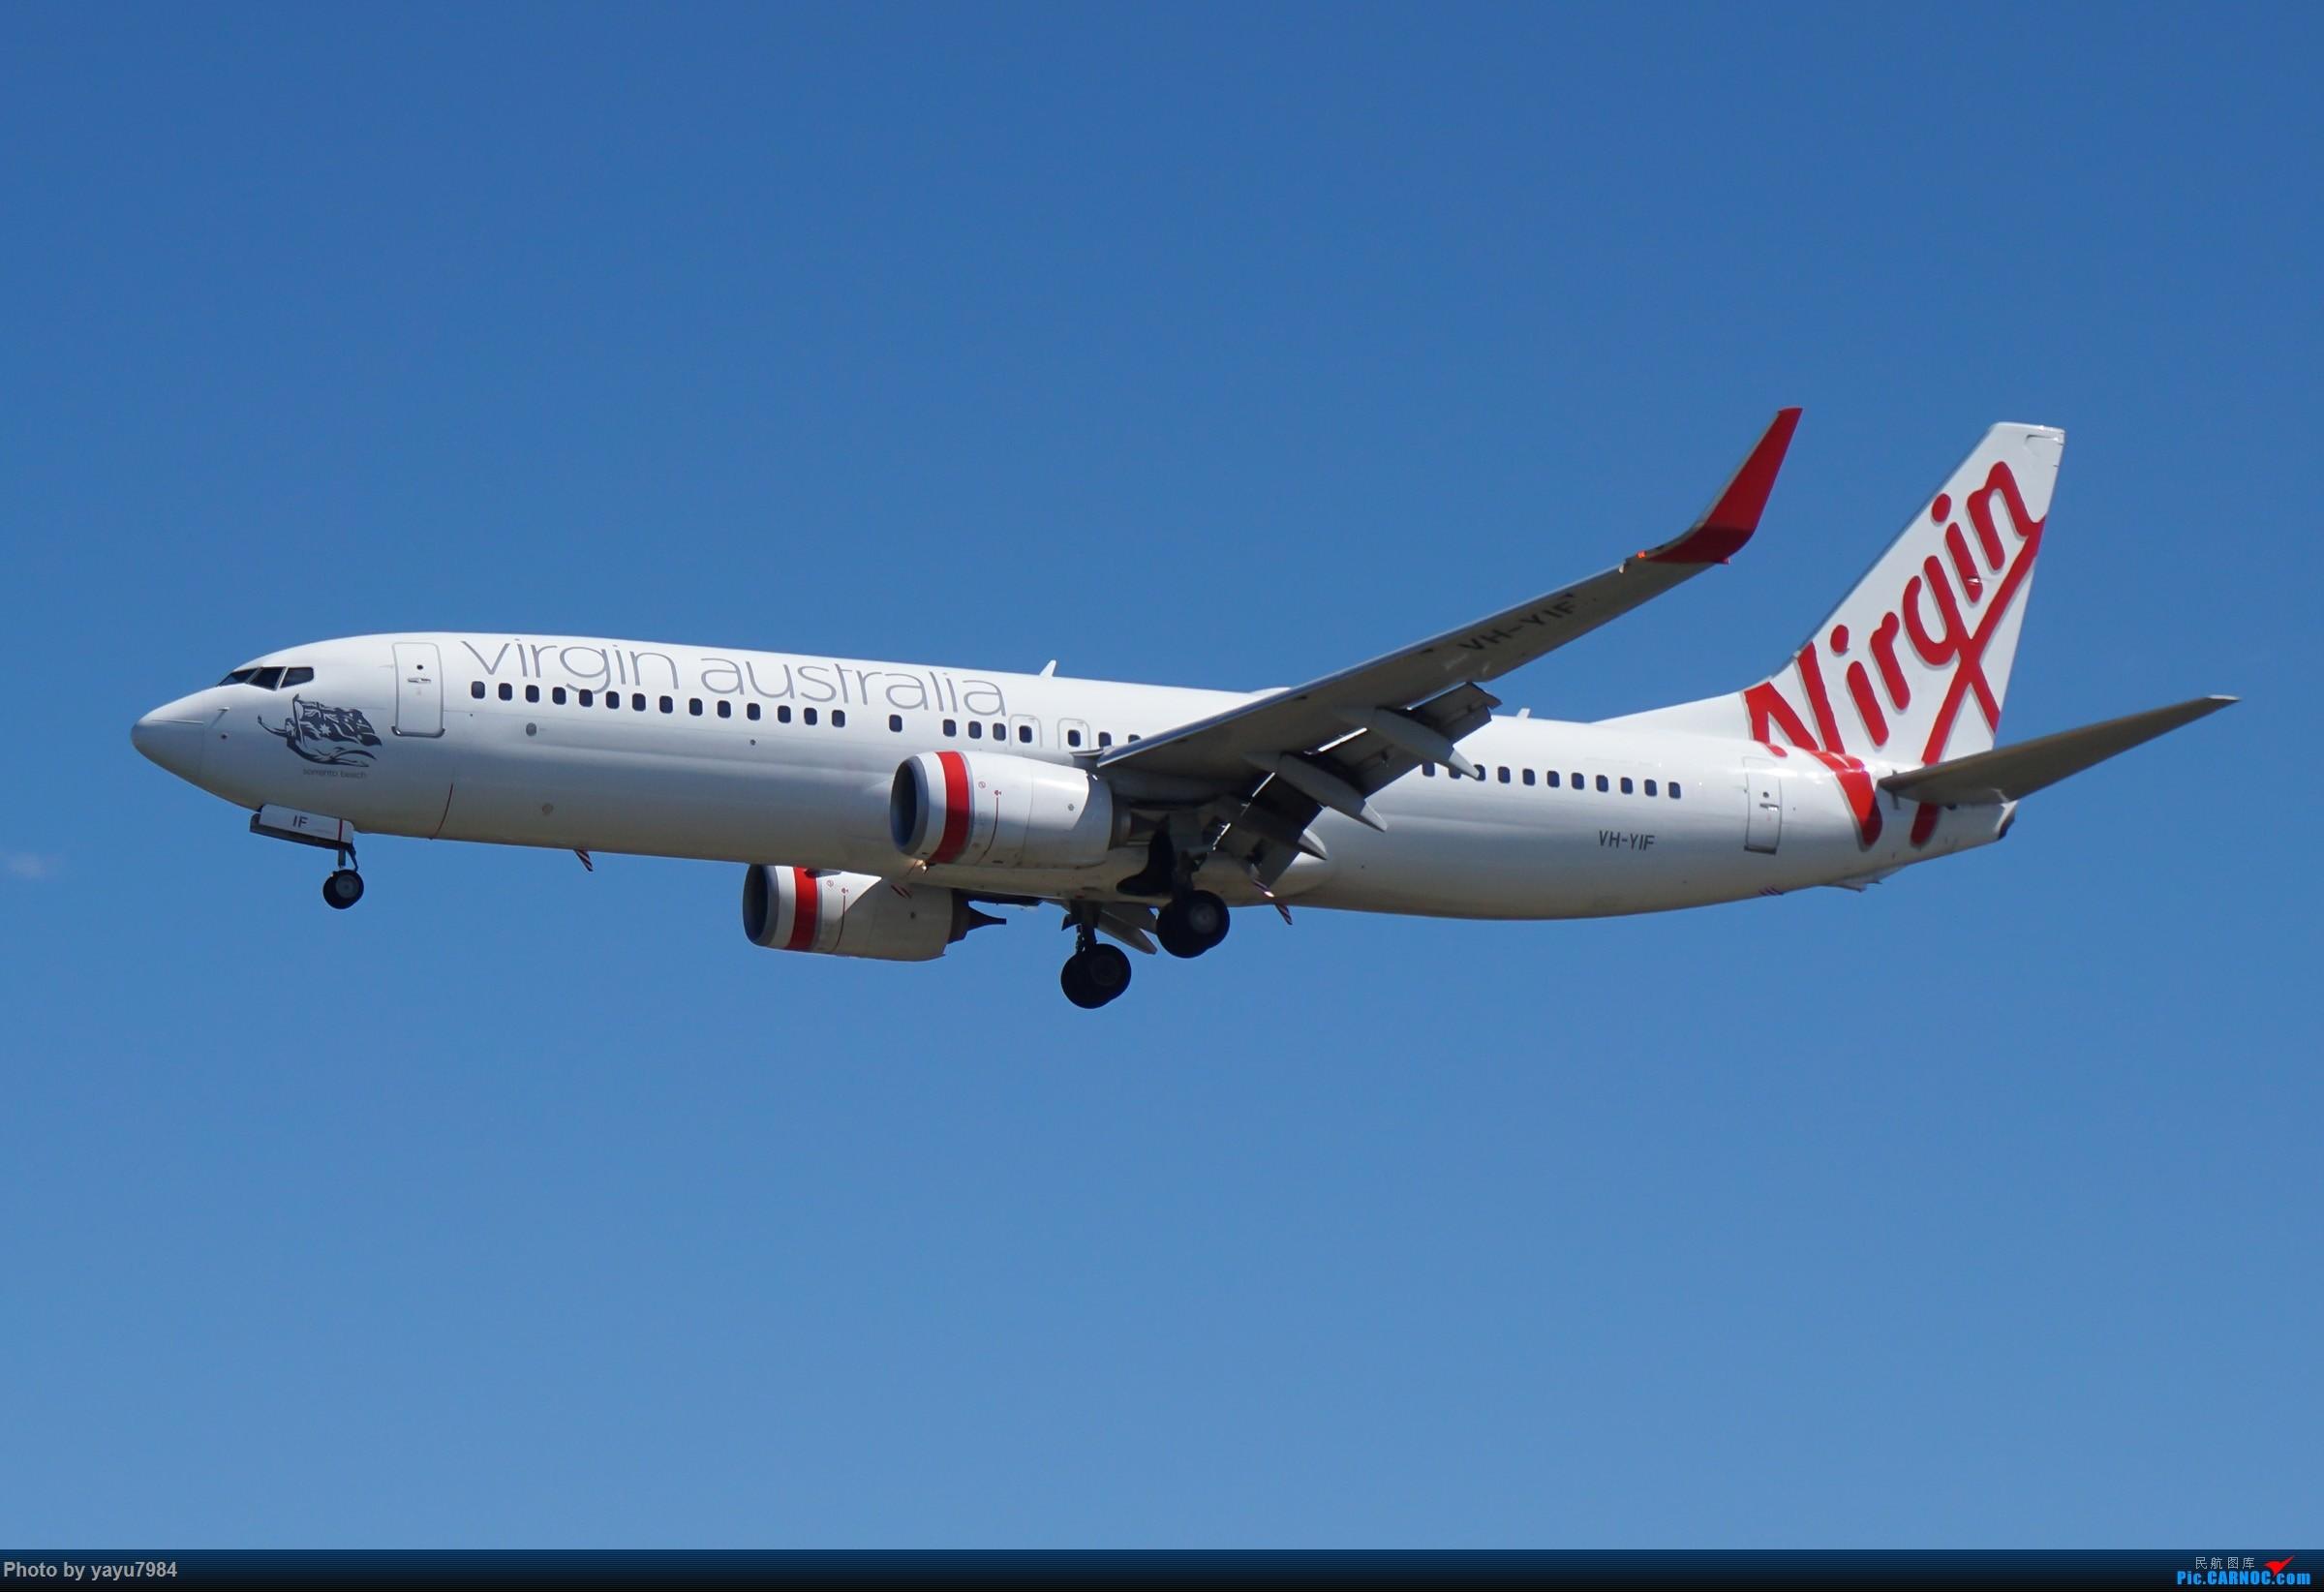 Re:[原创][SYD] 东航天合332,雪绒花343,华航蓝鹊,以及其他日常货 BOEING 737-800 VH-YIF 澳大利亚悉尼金斯福德·史密斯机场